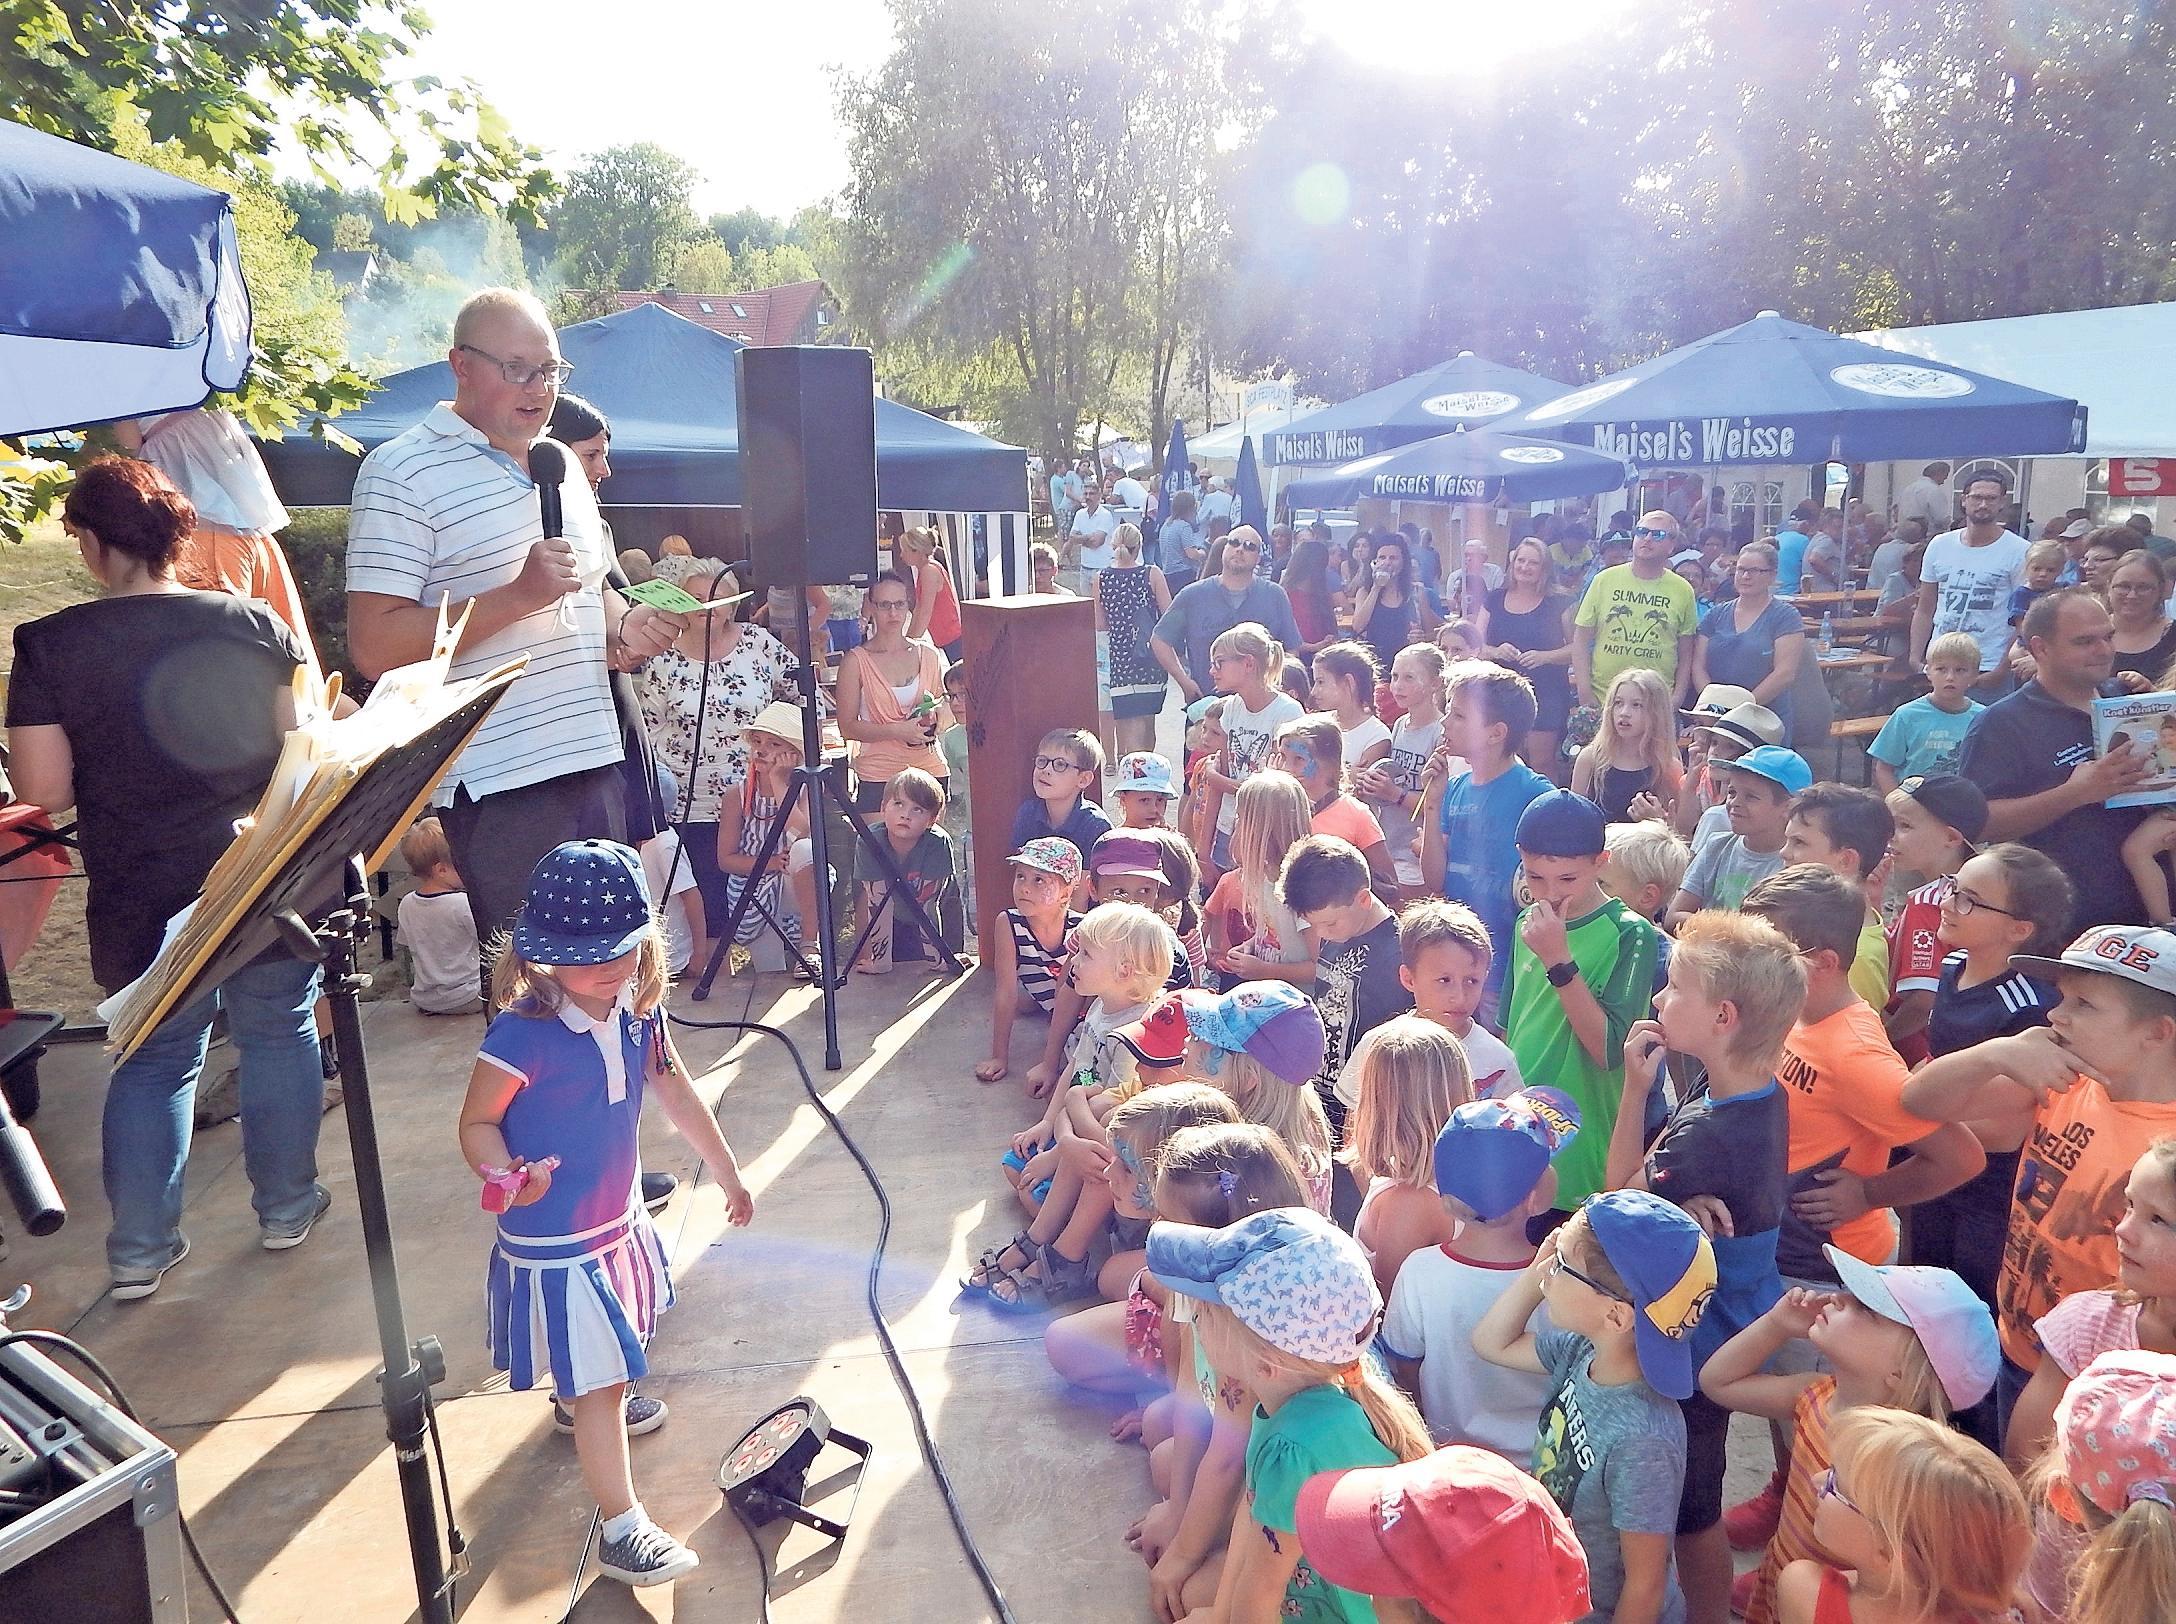 Zehn Ortsvereine sorgen beim Dorfparkfest für Essen und Trinken, Spaß und gute Laune – unter anderem mit einer Kinderrallye am Sonntagnachmittag. Fotos: Horst Wunner